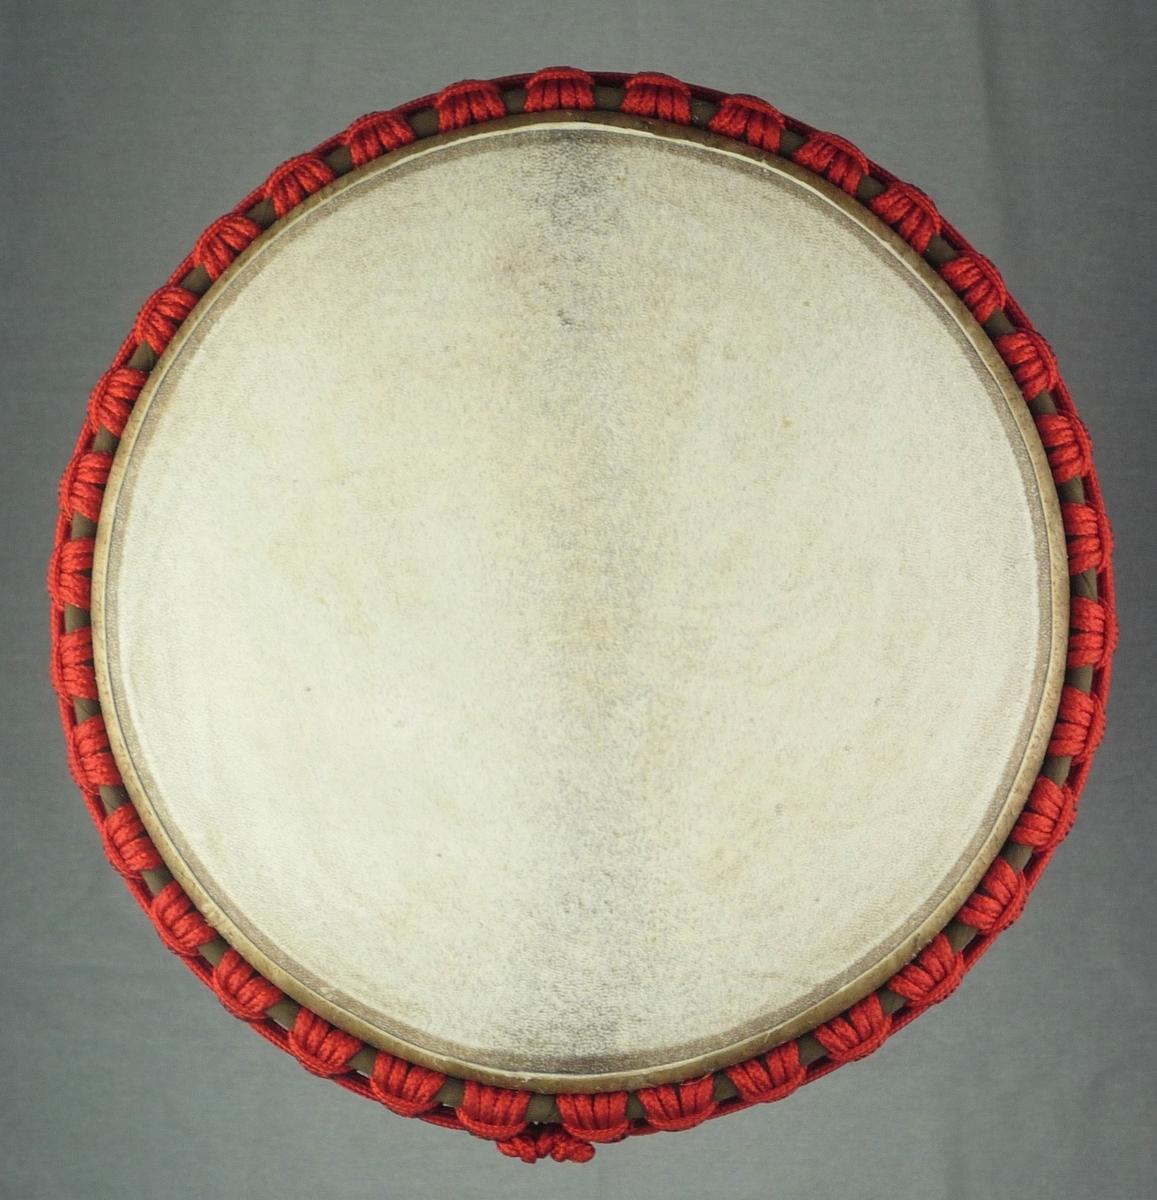 f:id:African-Percussion-Nagoya:20191023140525j:plain